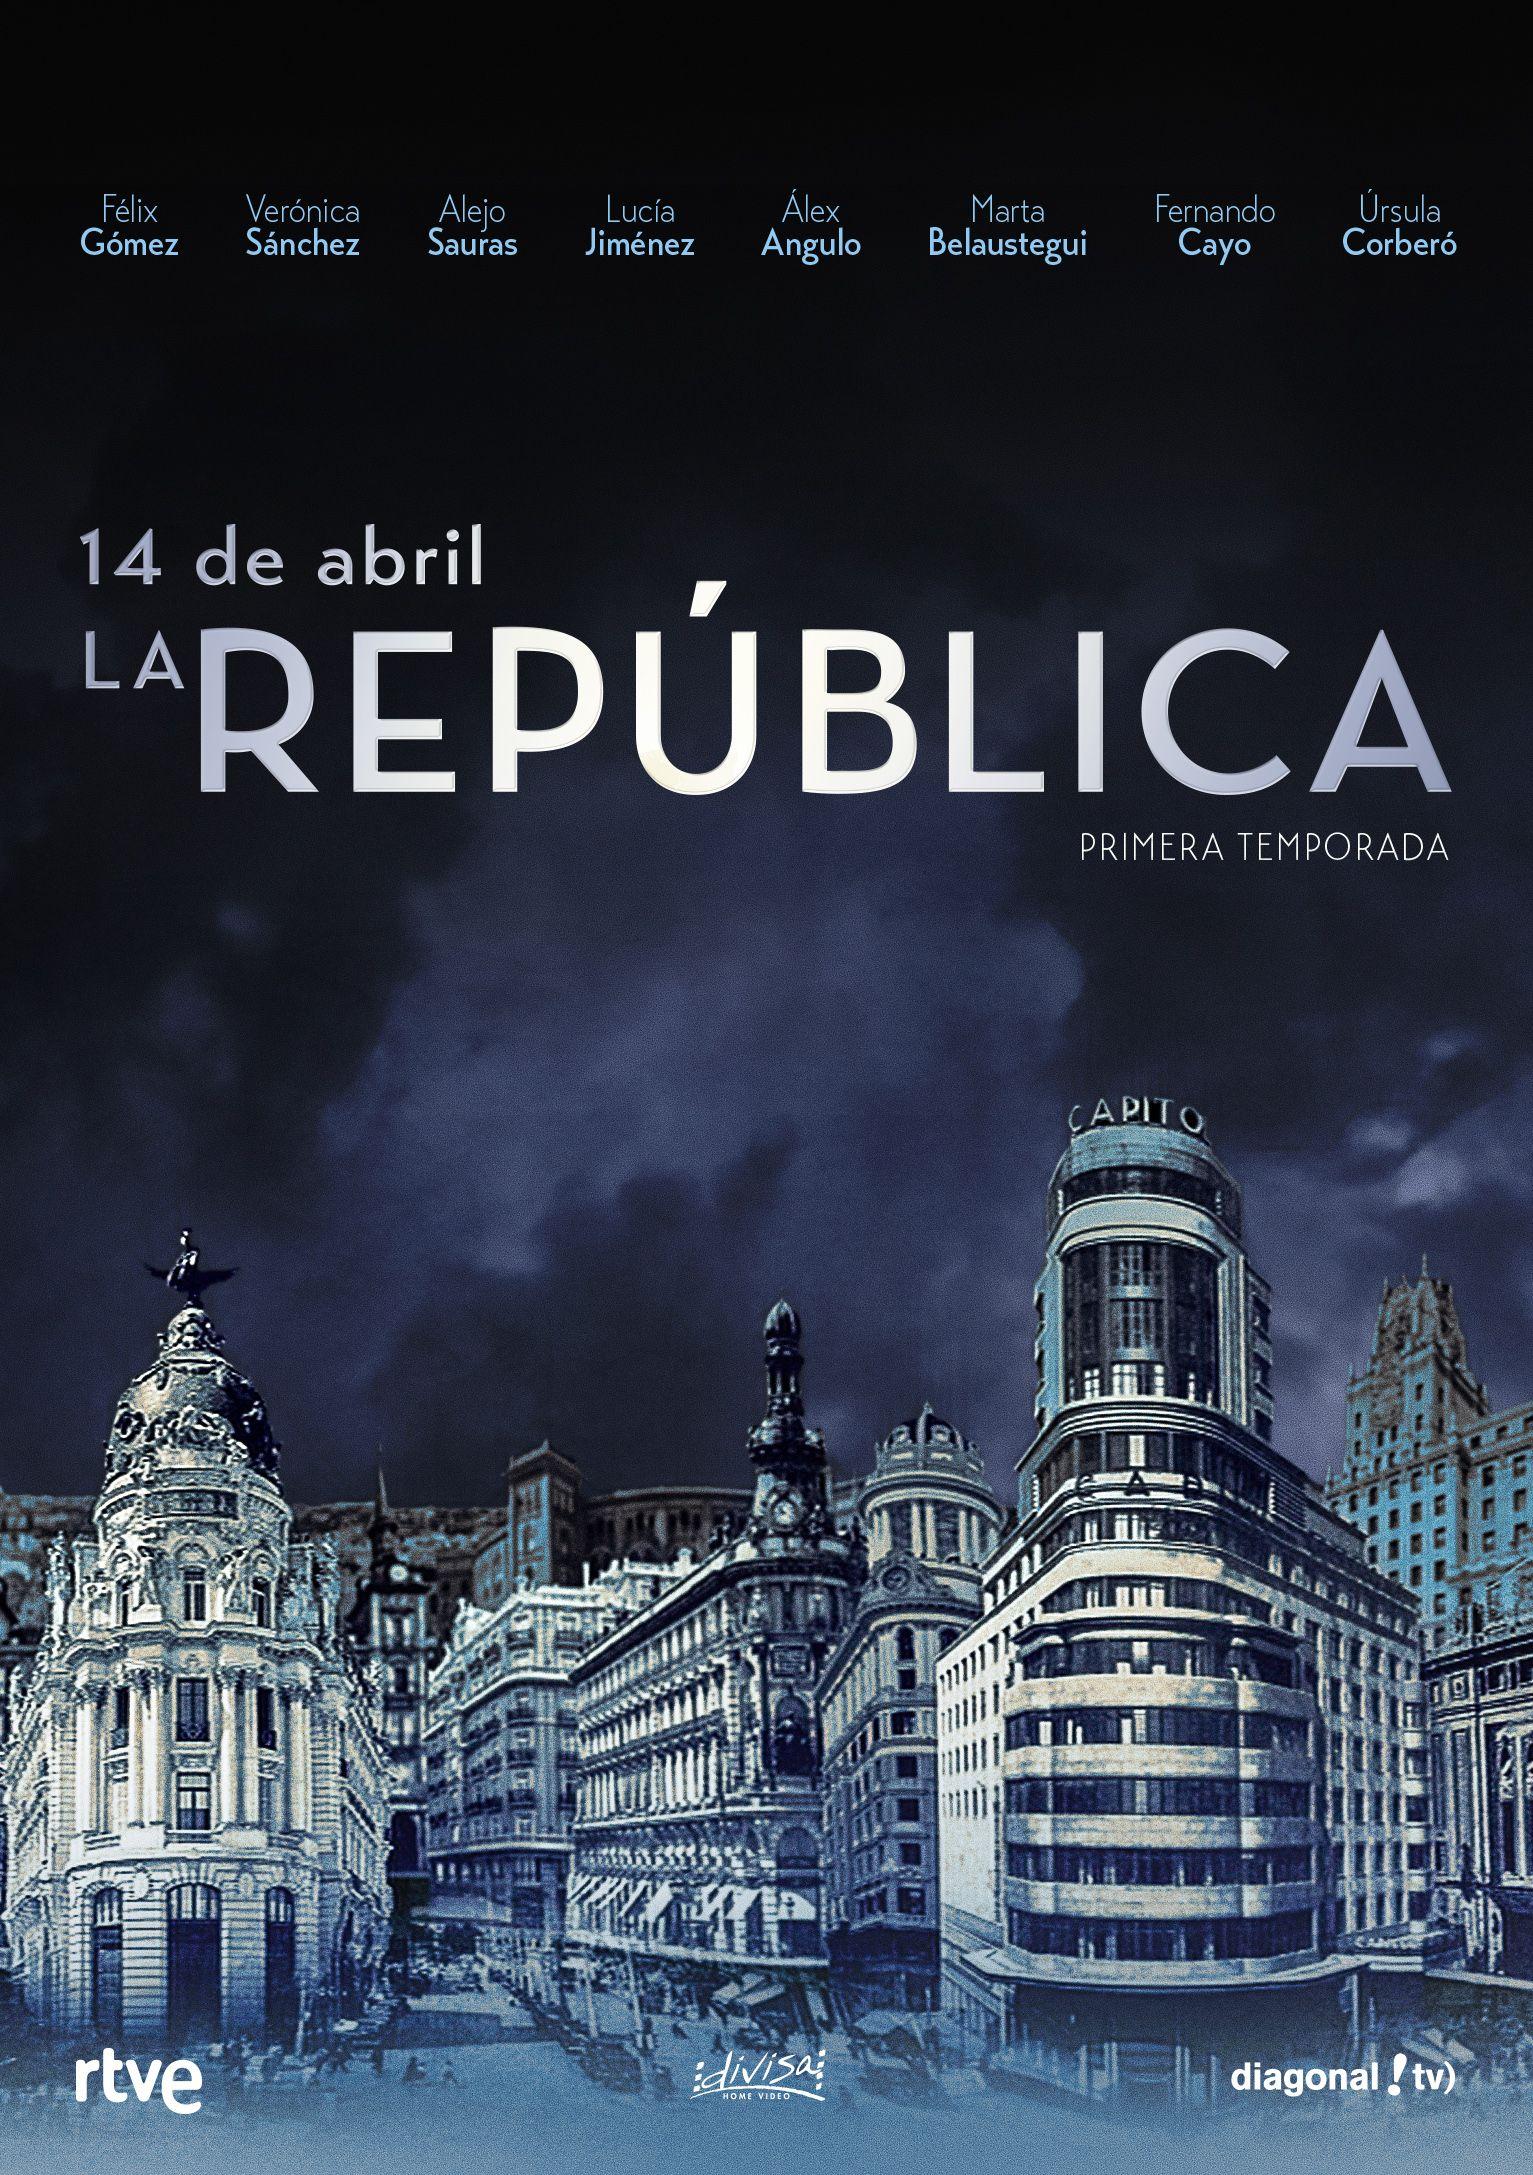 14 de abril, la república - dvd - temporada 1-8421394552500